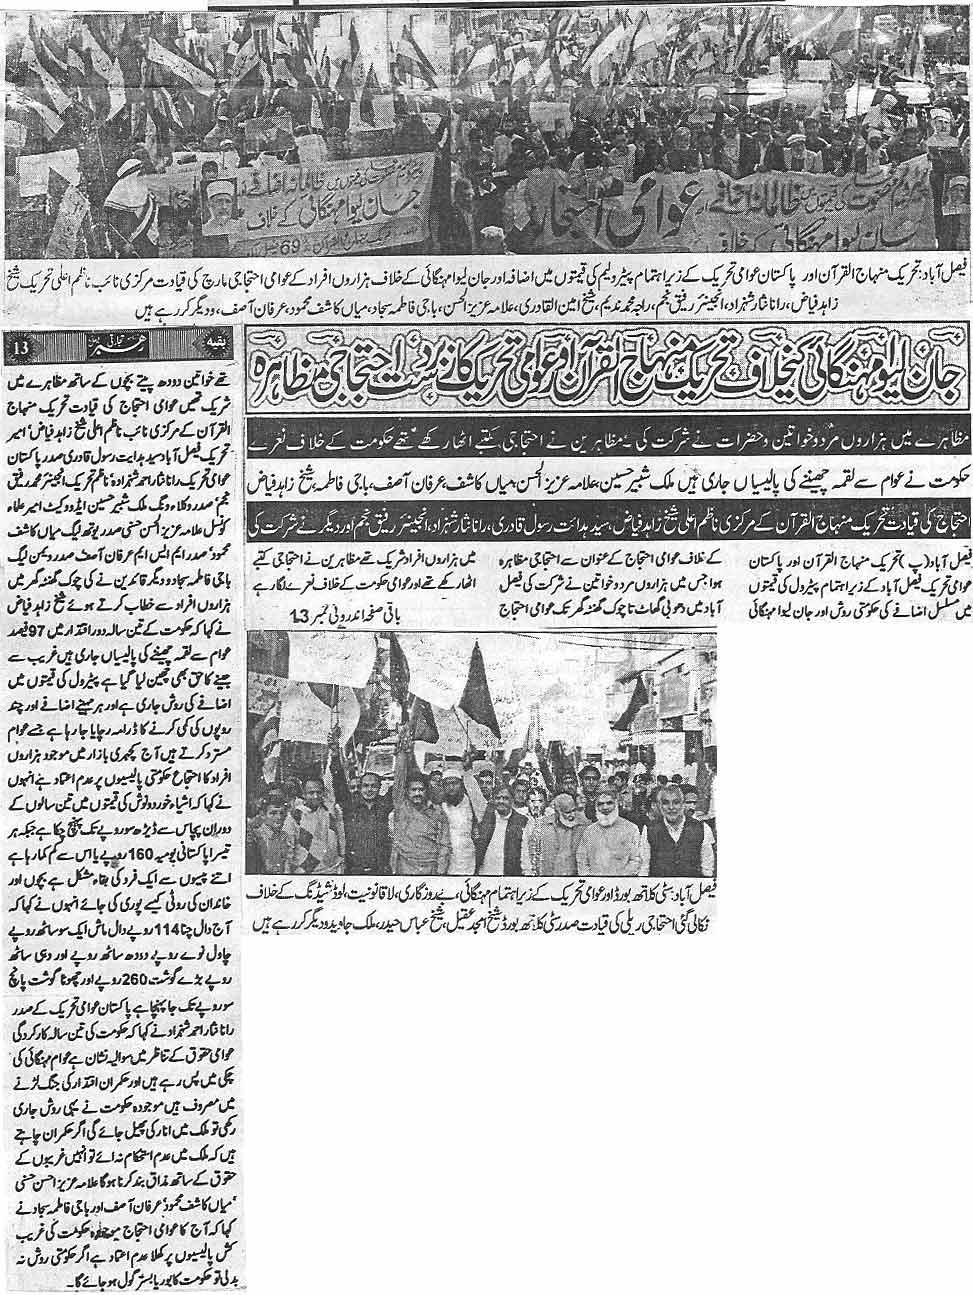 تحریک منہاج القرآن Minhaj-ul-Quran  Print Media Coverage پرنٹ میڈیا کوریج Daily Rahbar (Faisalabad)